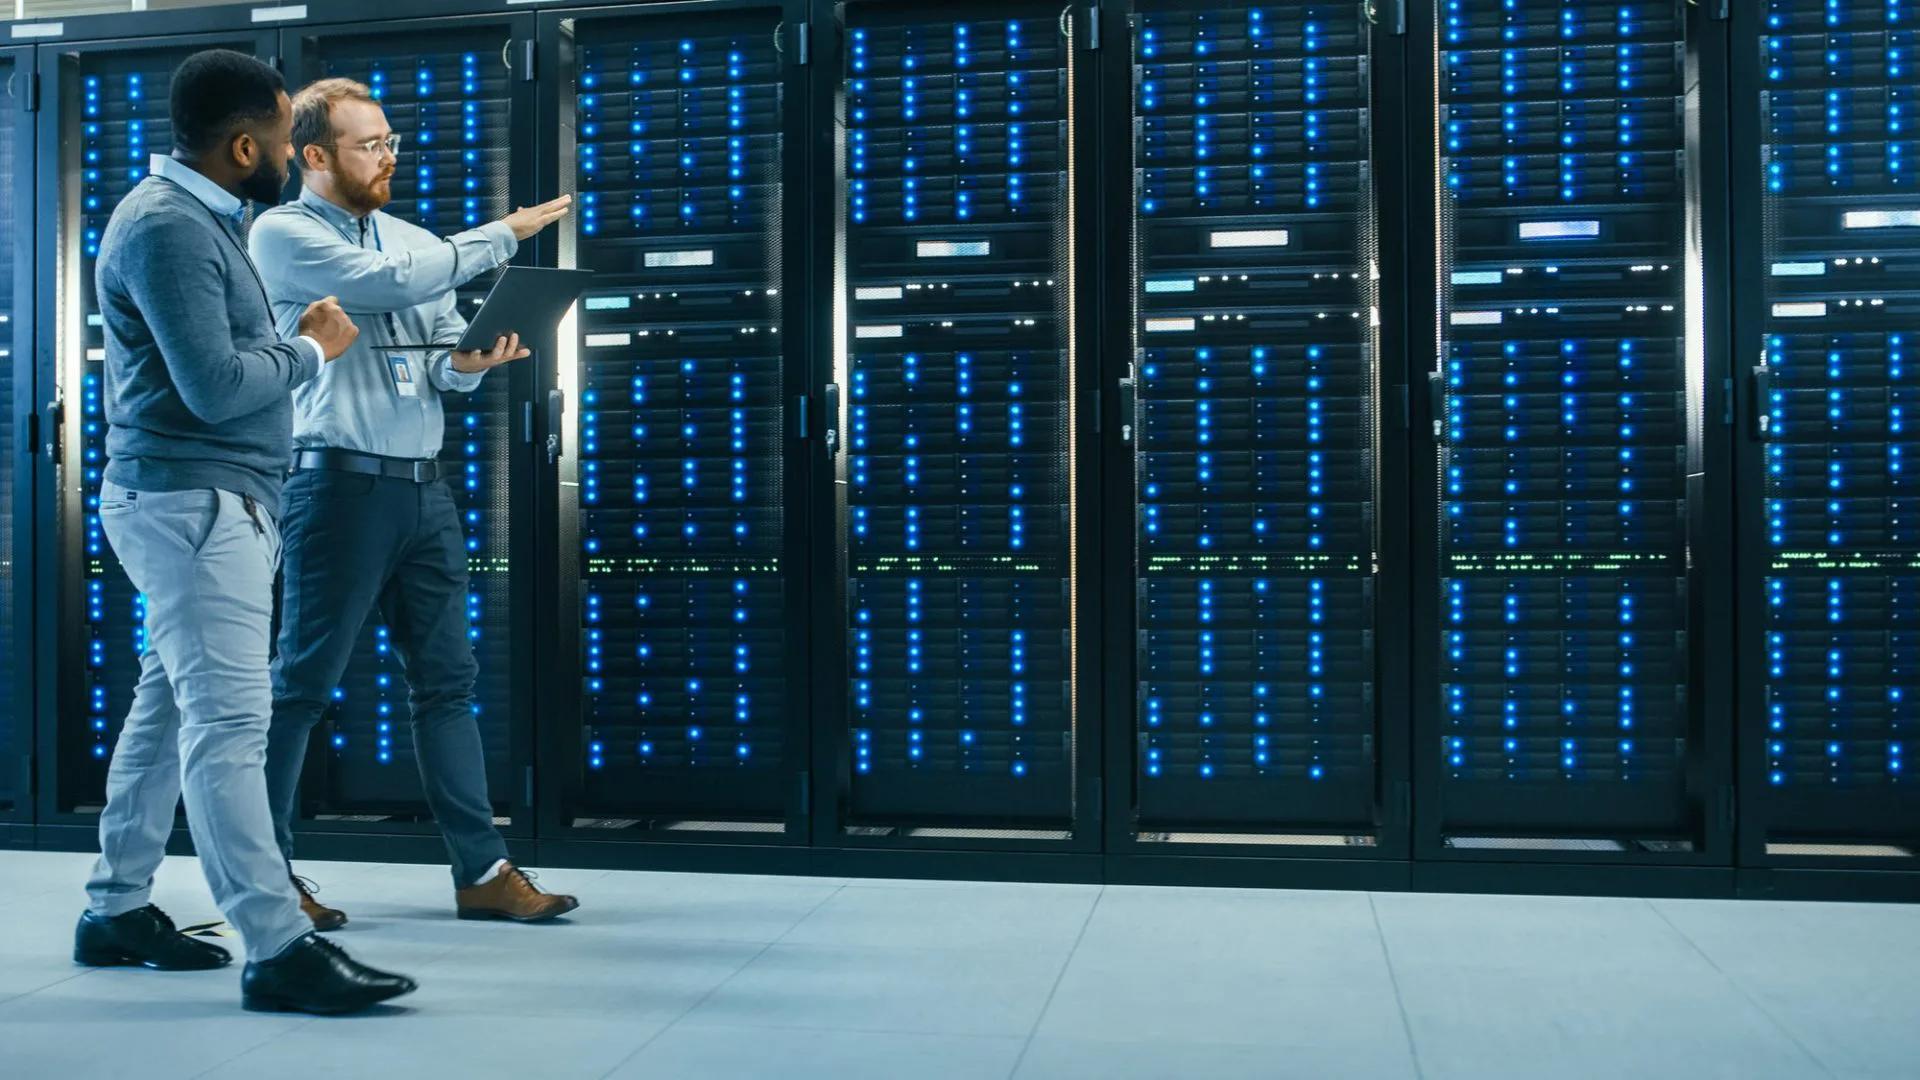 Hệ thống máy chủ của các doanh nghiệp lớn có thể rất phức tạp, khó kiểm soát. Ảnh: Investo.